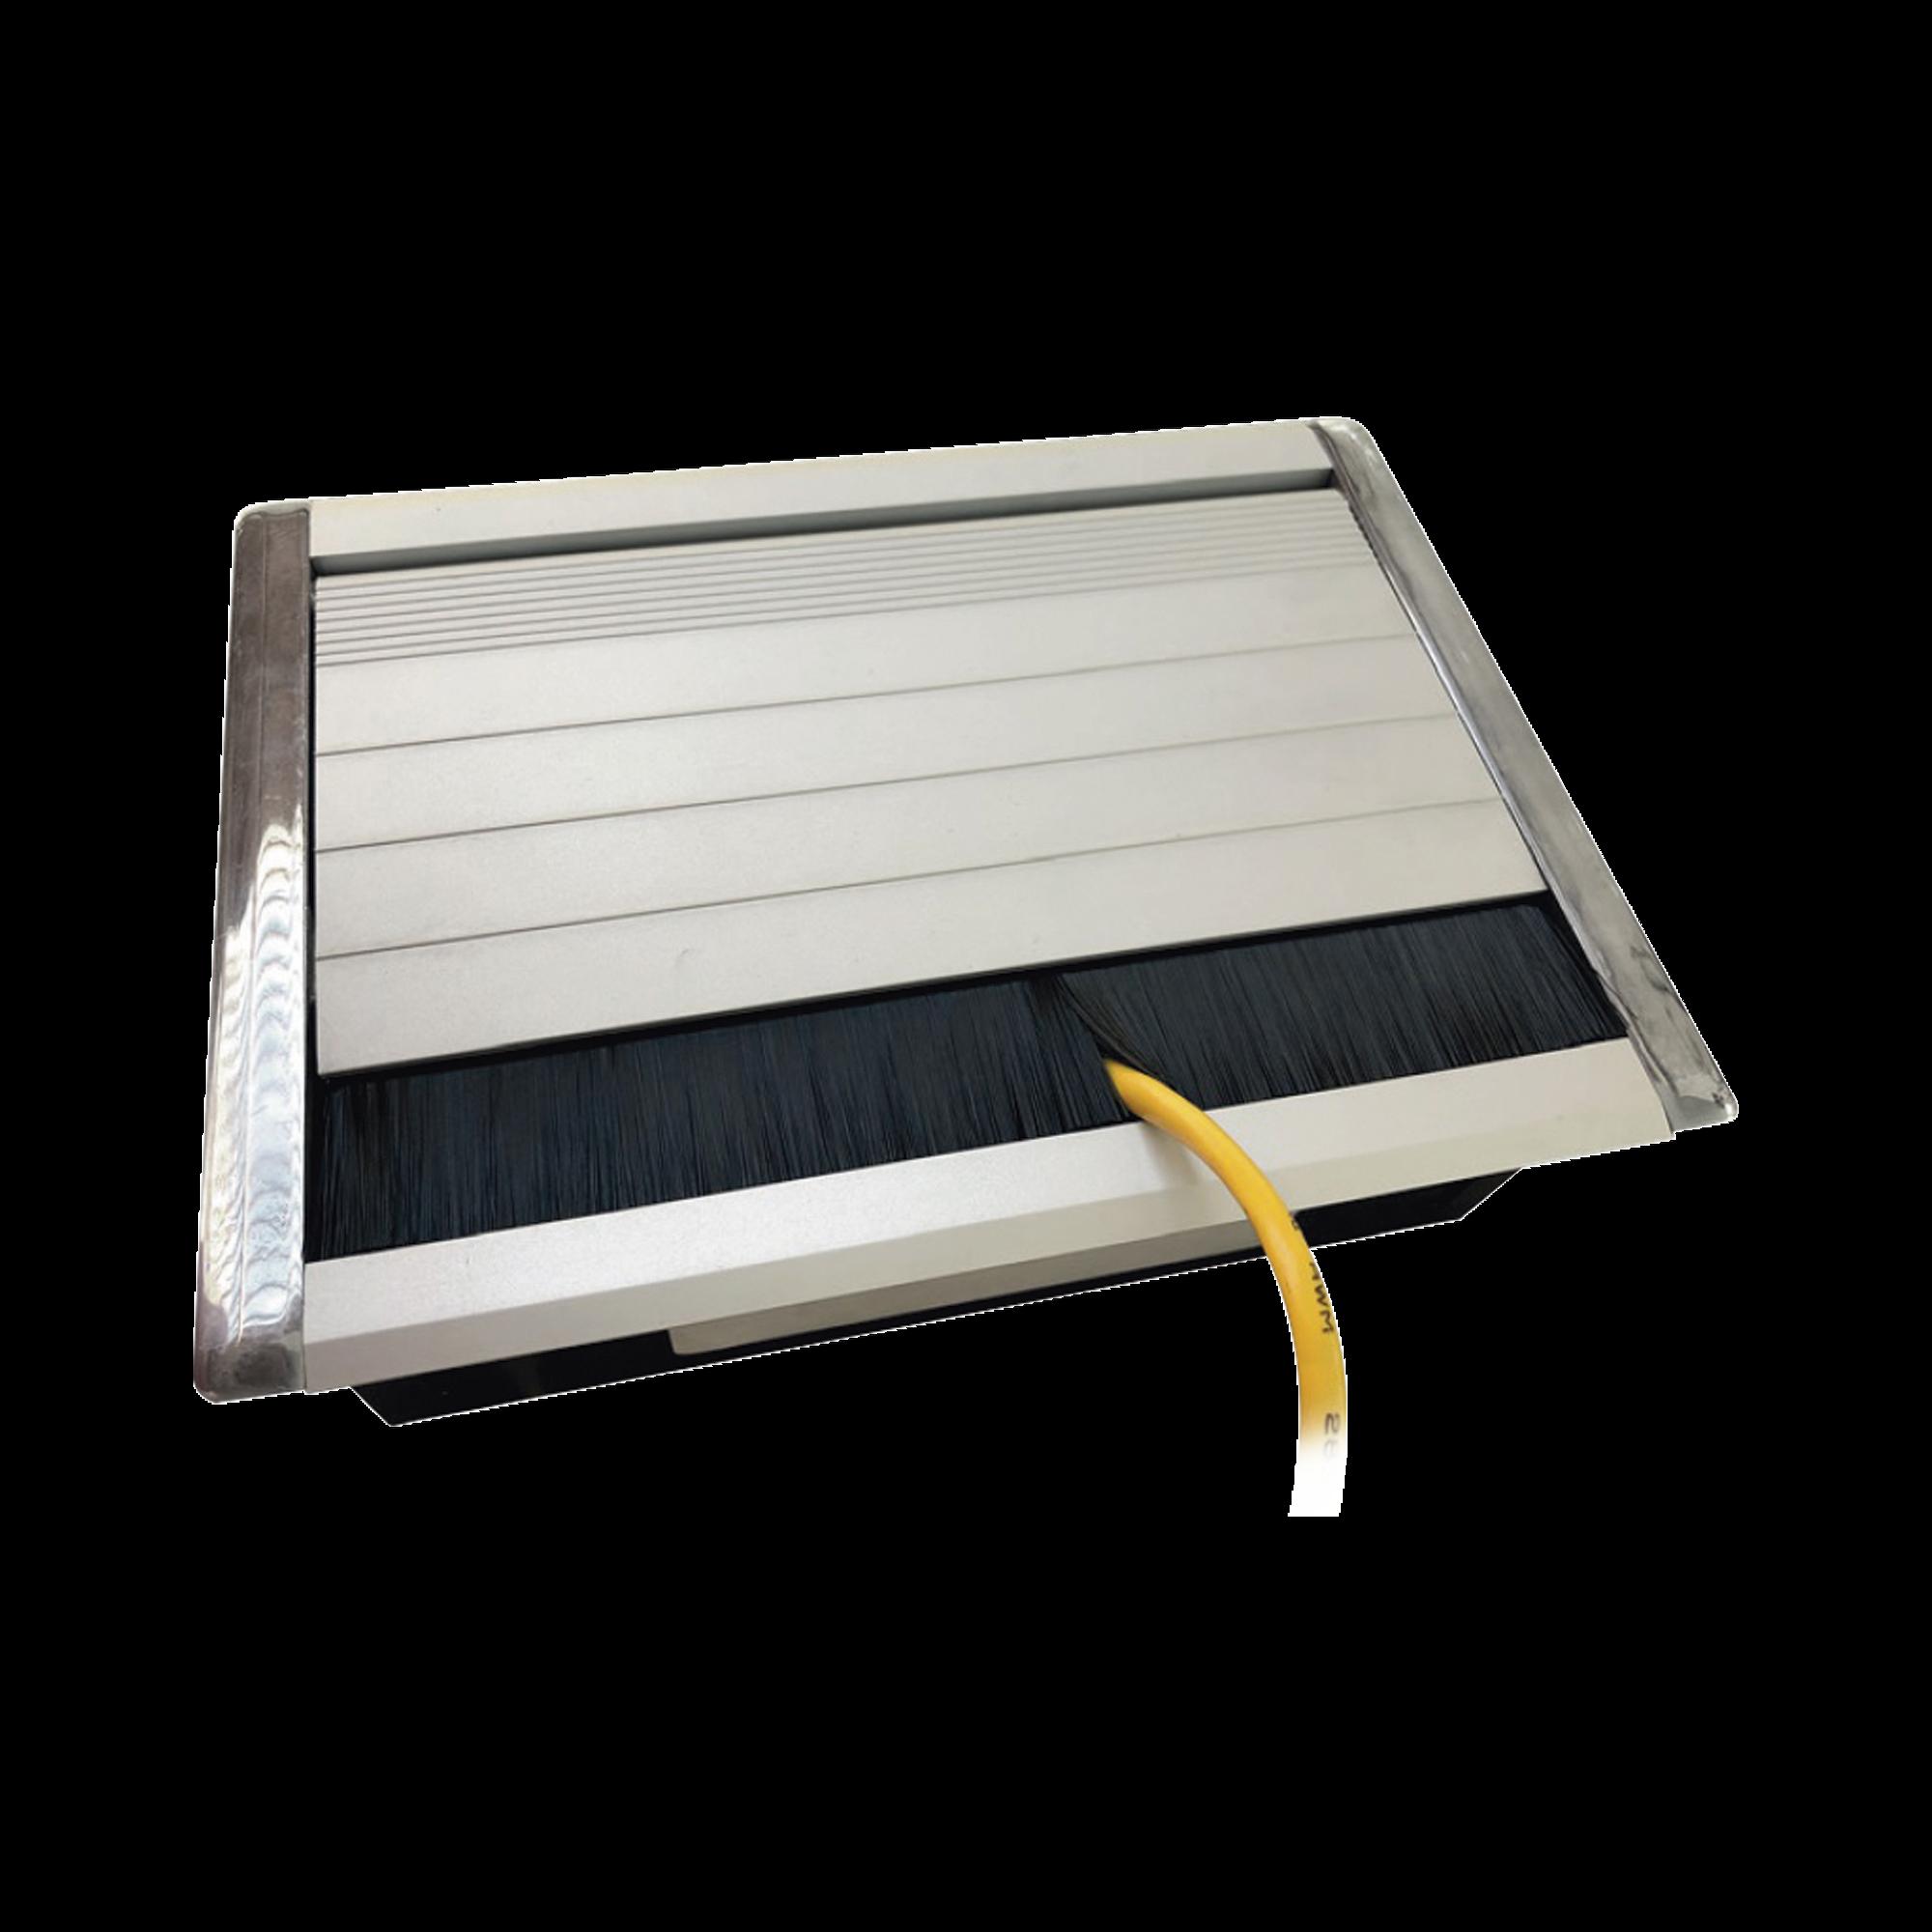 Caja universal vacía de 1 módulo para instalación en escritorio (voz, datos, vídeo, contactos eléctricos), (No incluye accesorios)